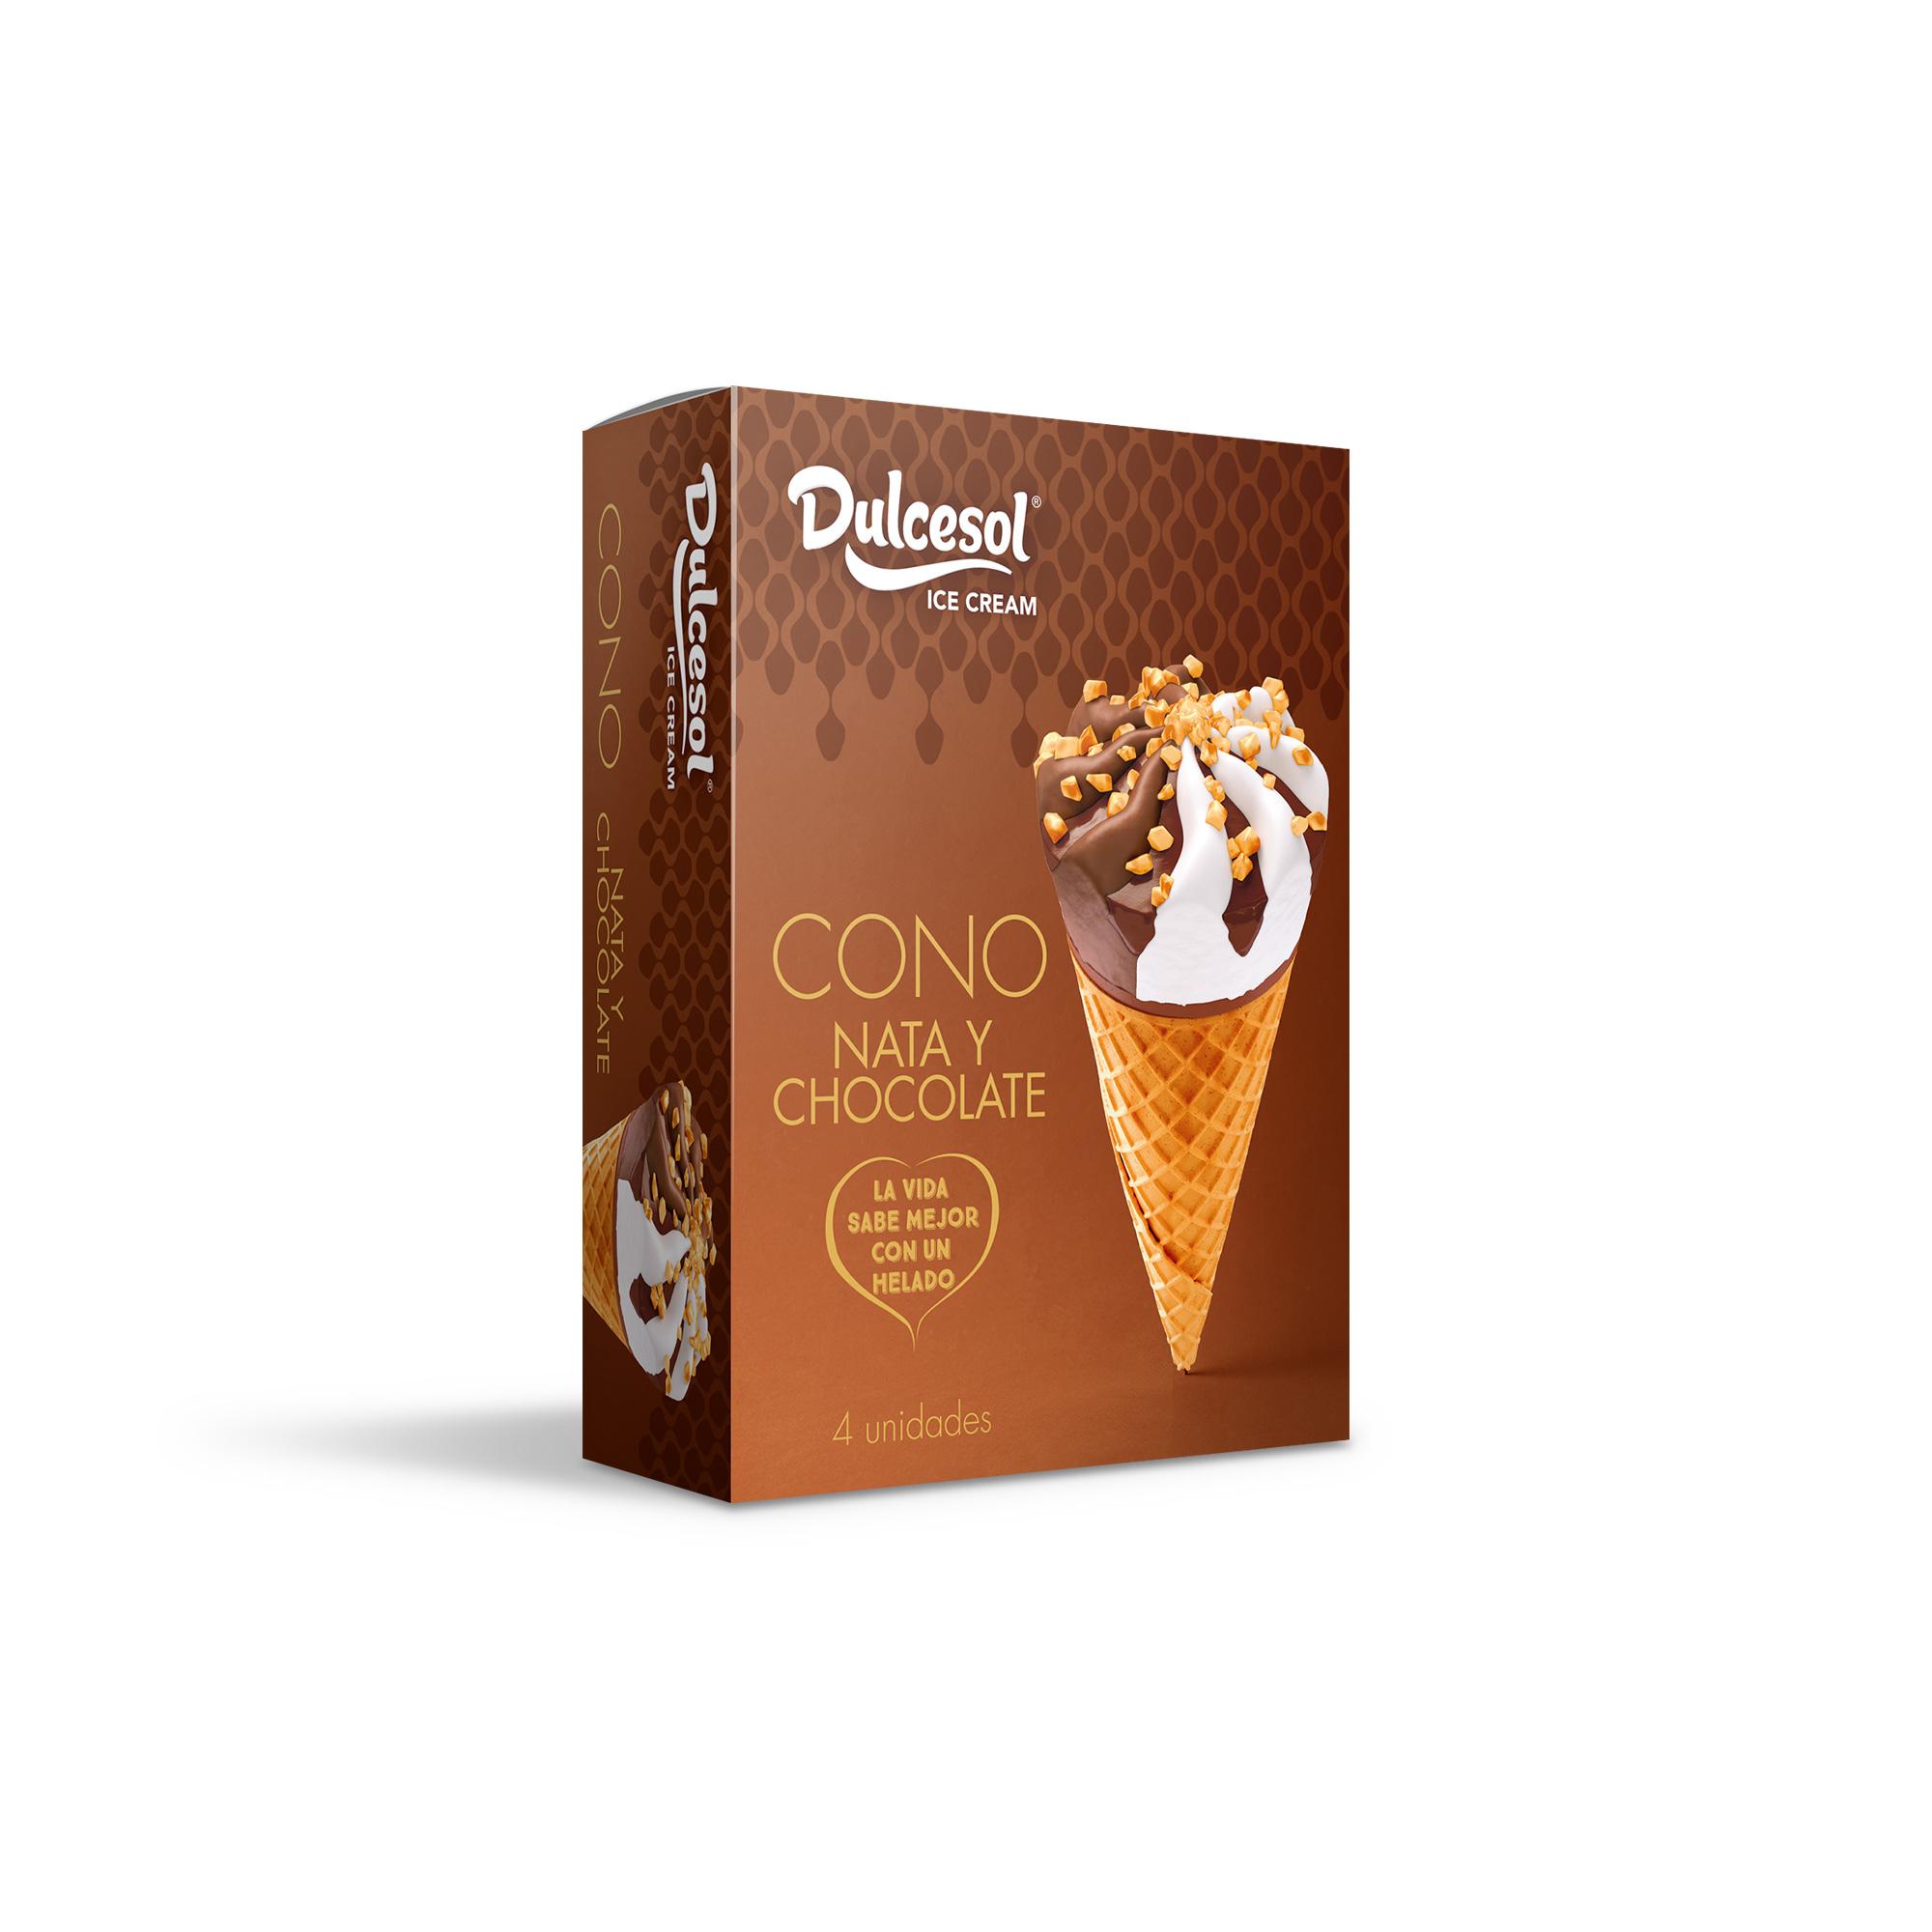 CONO NATA CHOCOLATE 4u